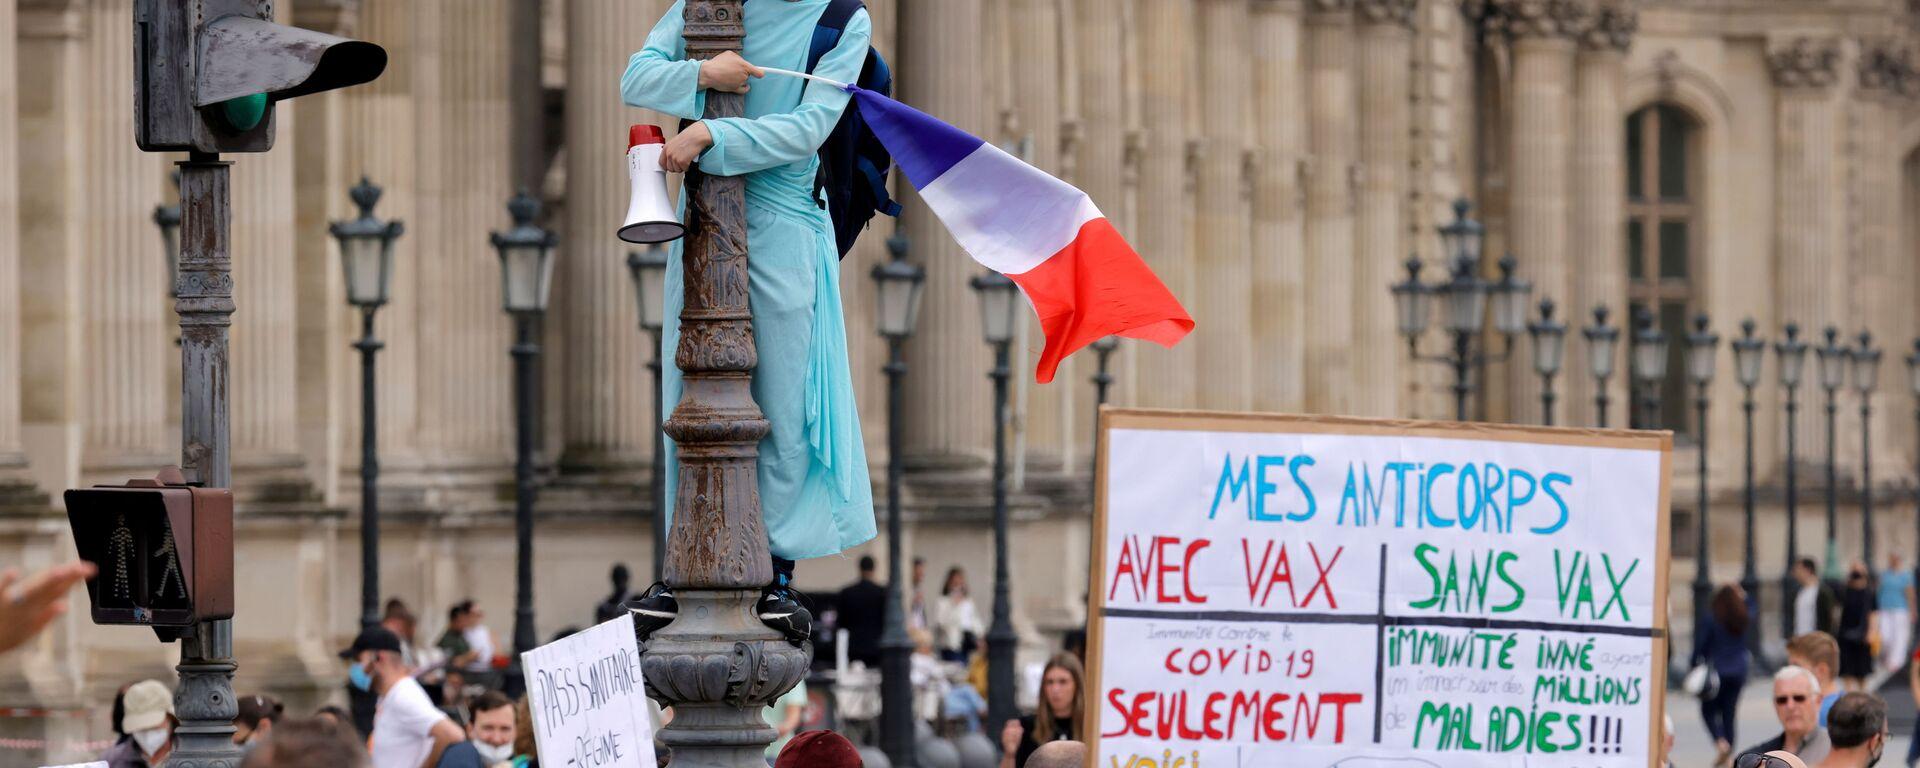 Proteste contro le restrizioni anti-Covid governative a Parigi - Sputnik Italia, 1920, 25.07.2021